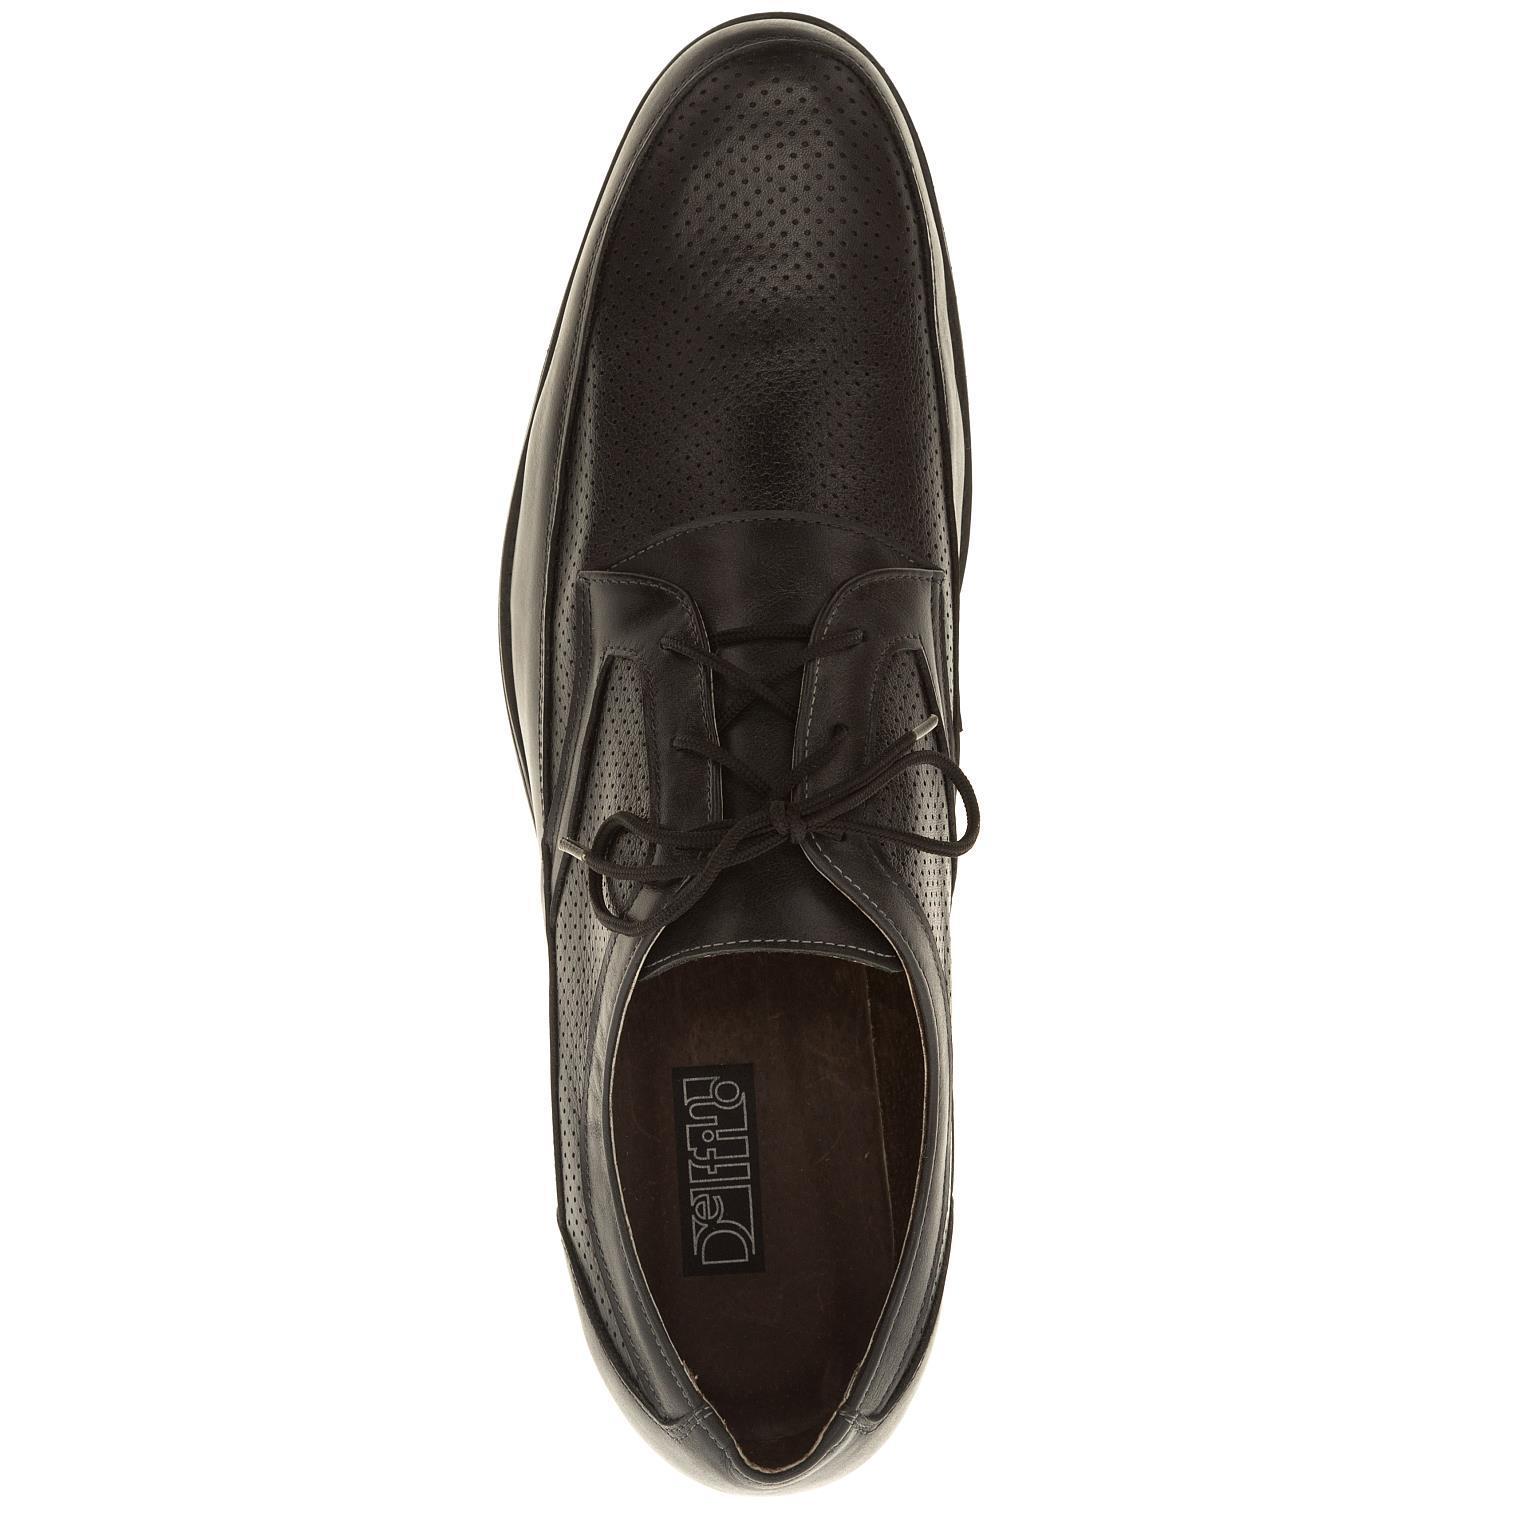 524391 туфли мужские больших размеров марки Делфино